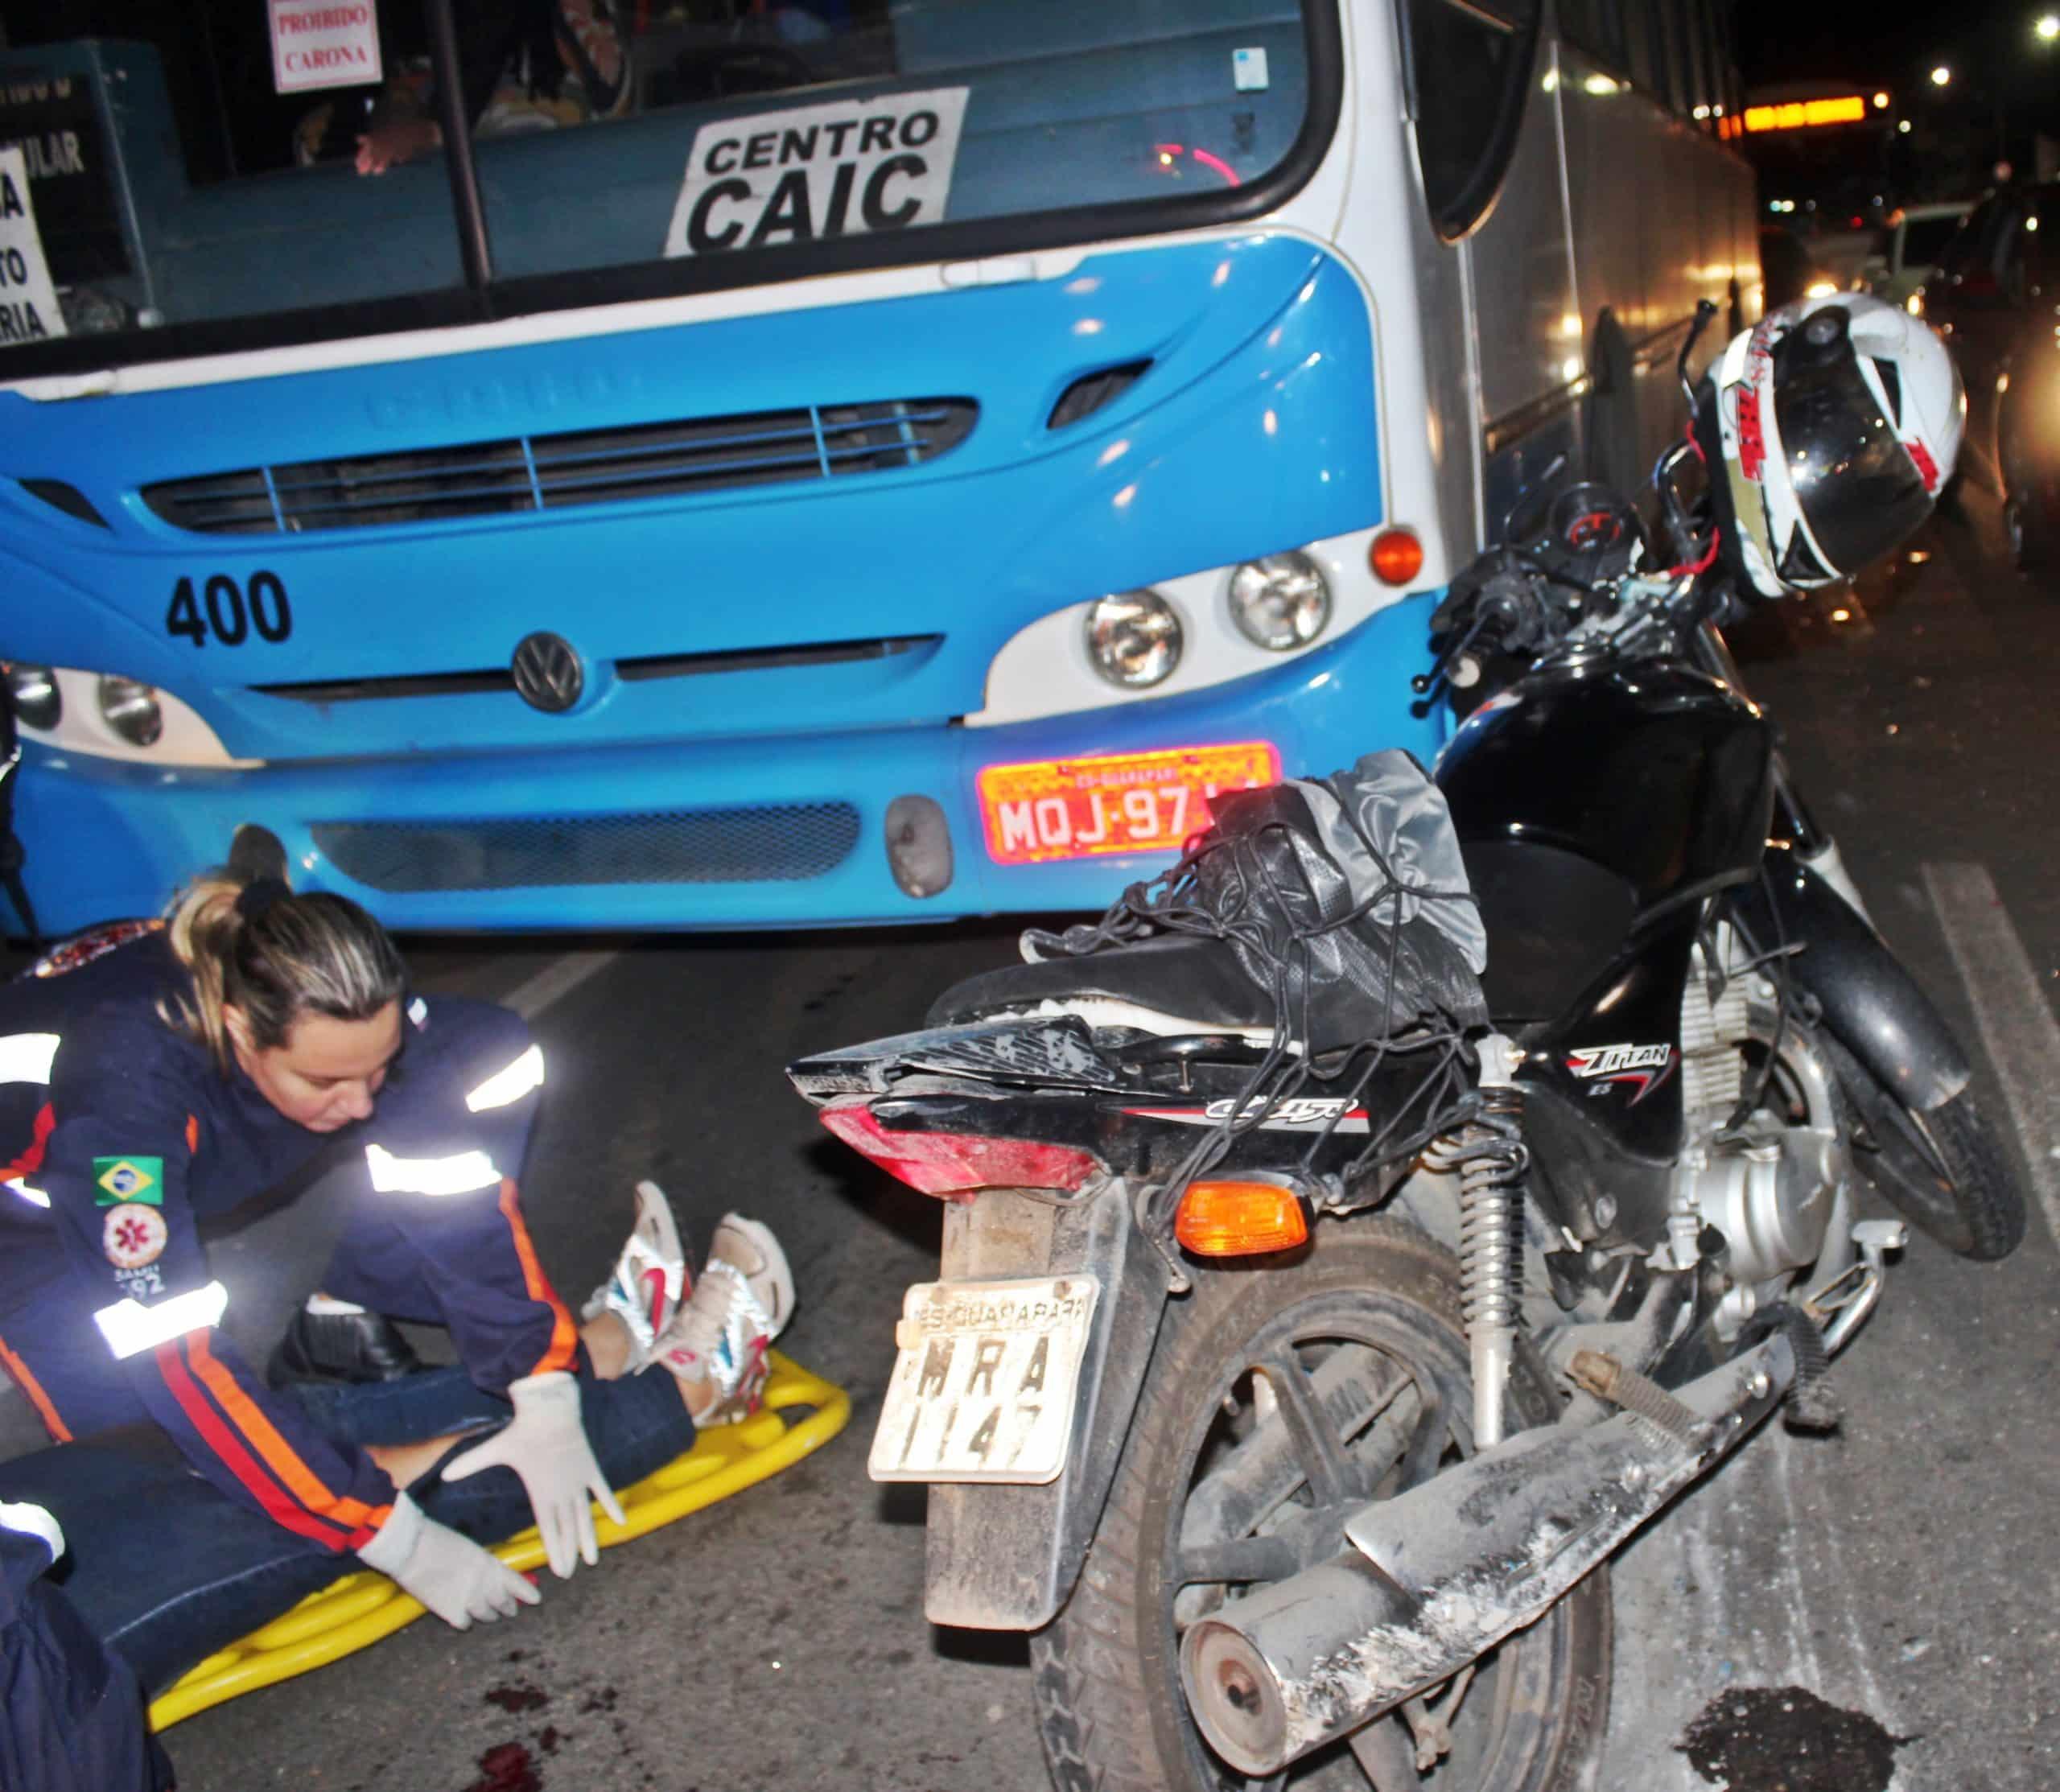 Na hora do acidente, populares tentaram socorrer a vítima que estava debaixo do ônibus.